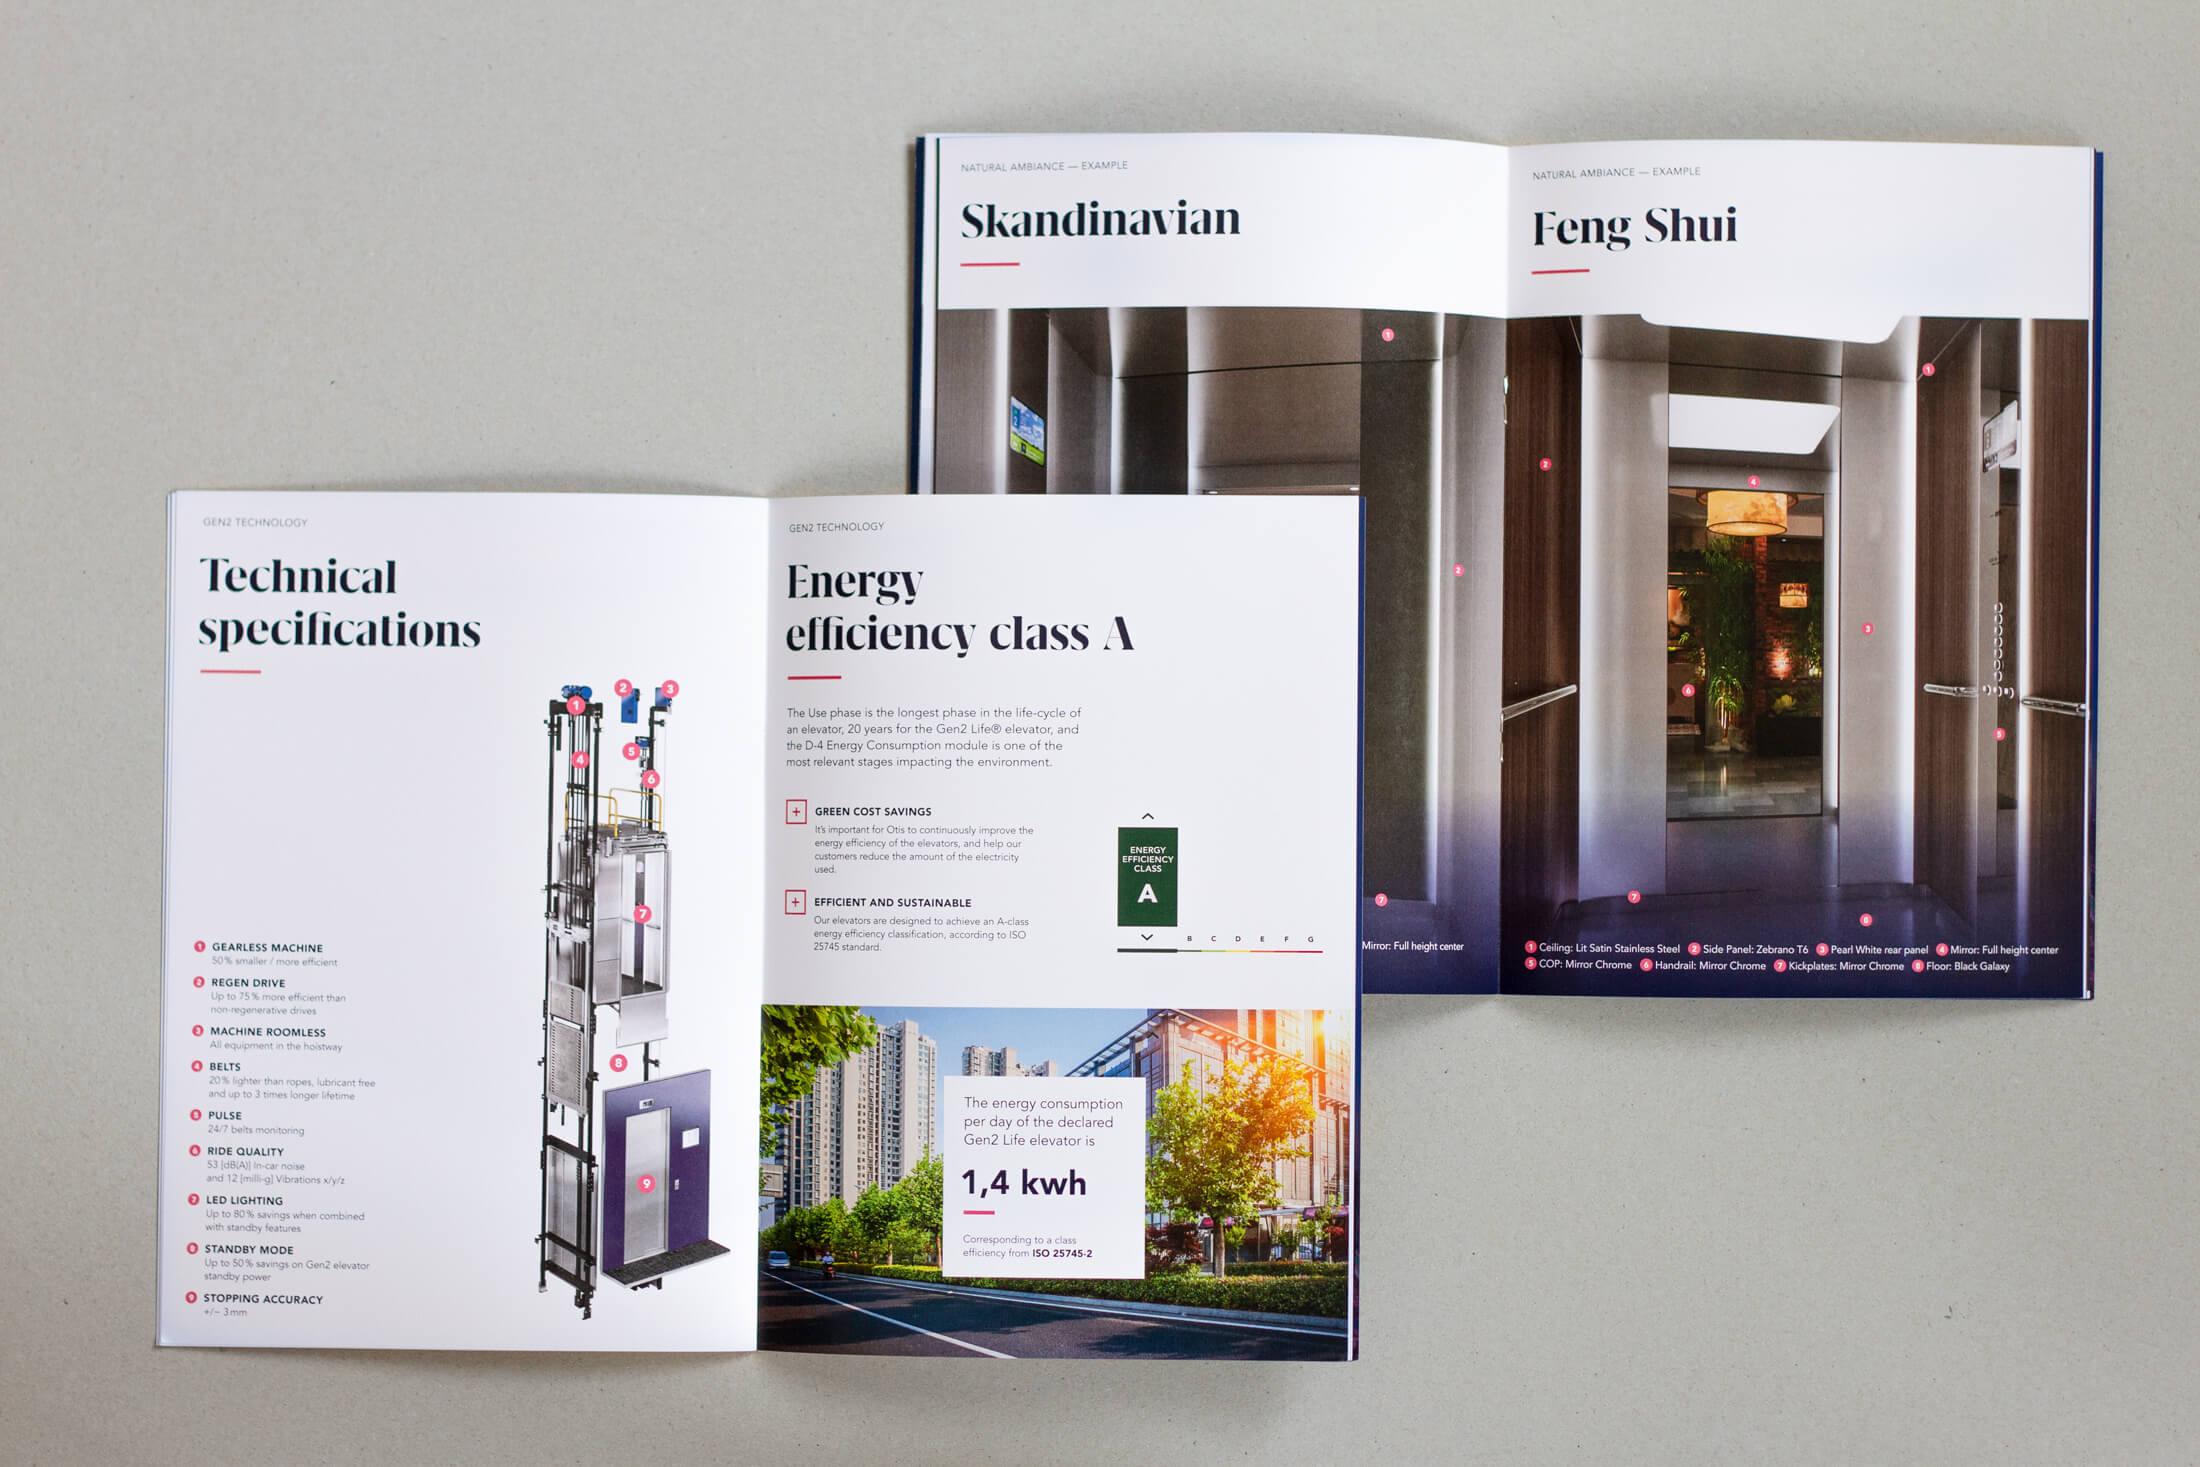 Zwei Doppelseiten Otis Editorial Design von technischen Spezifikationen, Energie Effizienz und Design